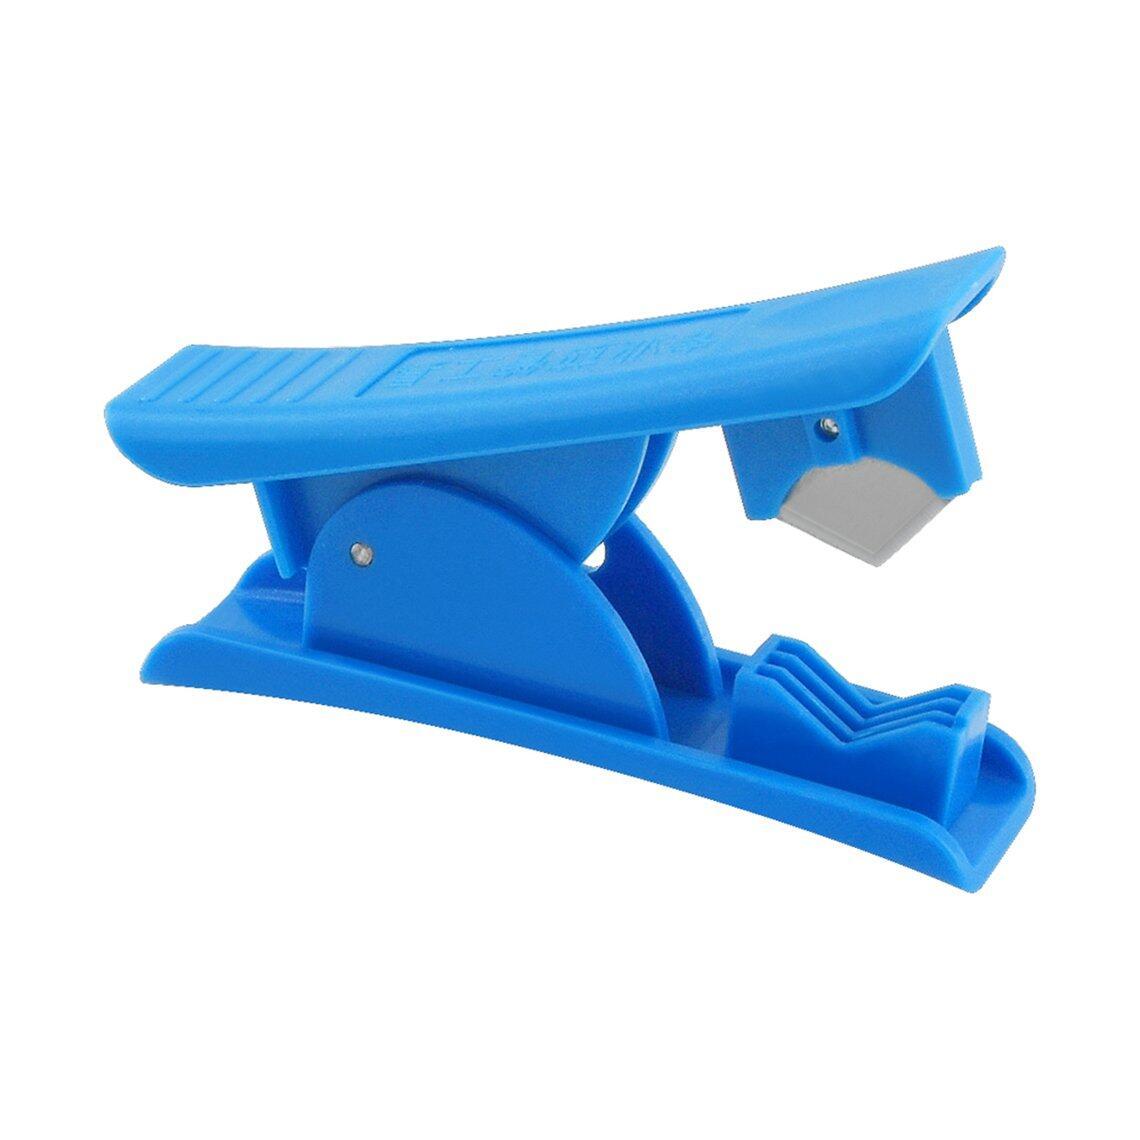 Giá Lưỡi Ống Nhỏ Chiết Khấu Tốt Nhất Cho Bộ Phận Máy In 3D Ống PVC PU